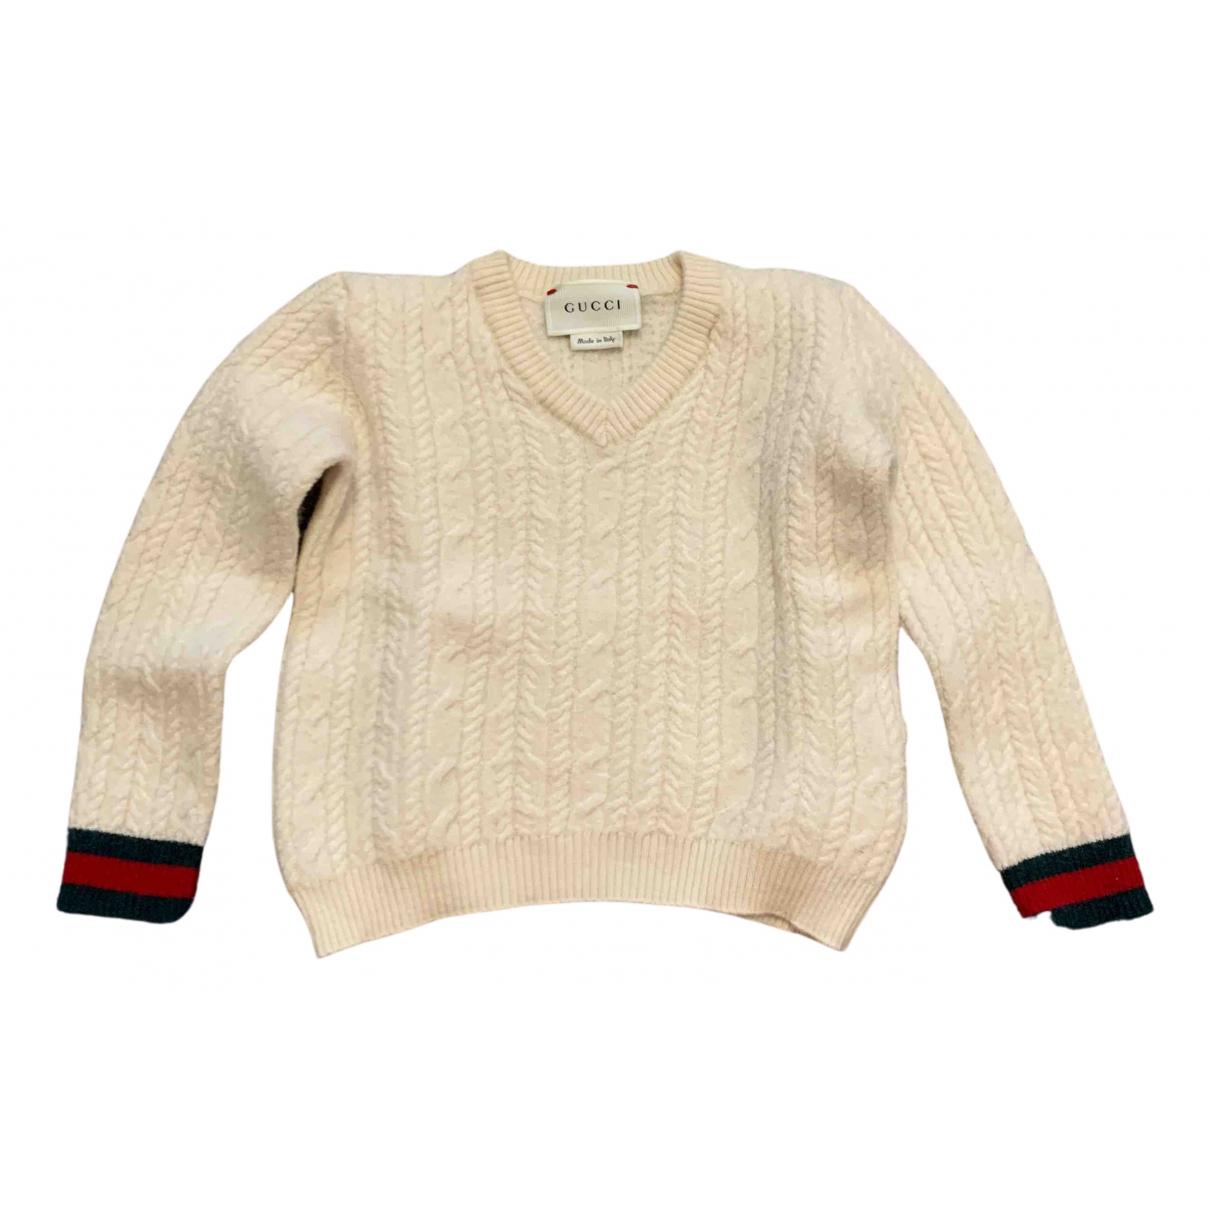 Gucci - Pull   pour enfant en laine - beige